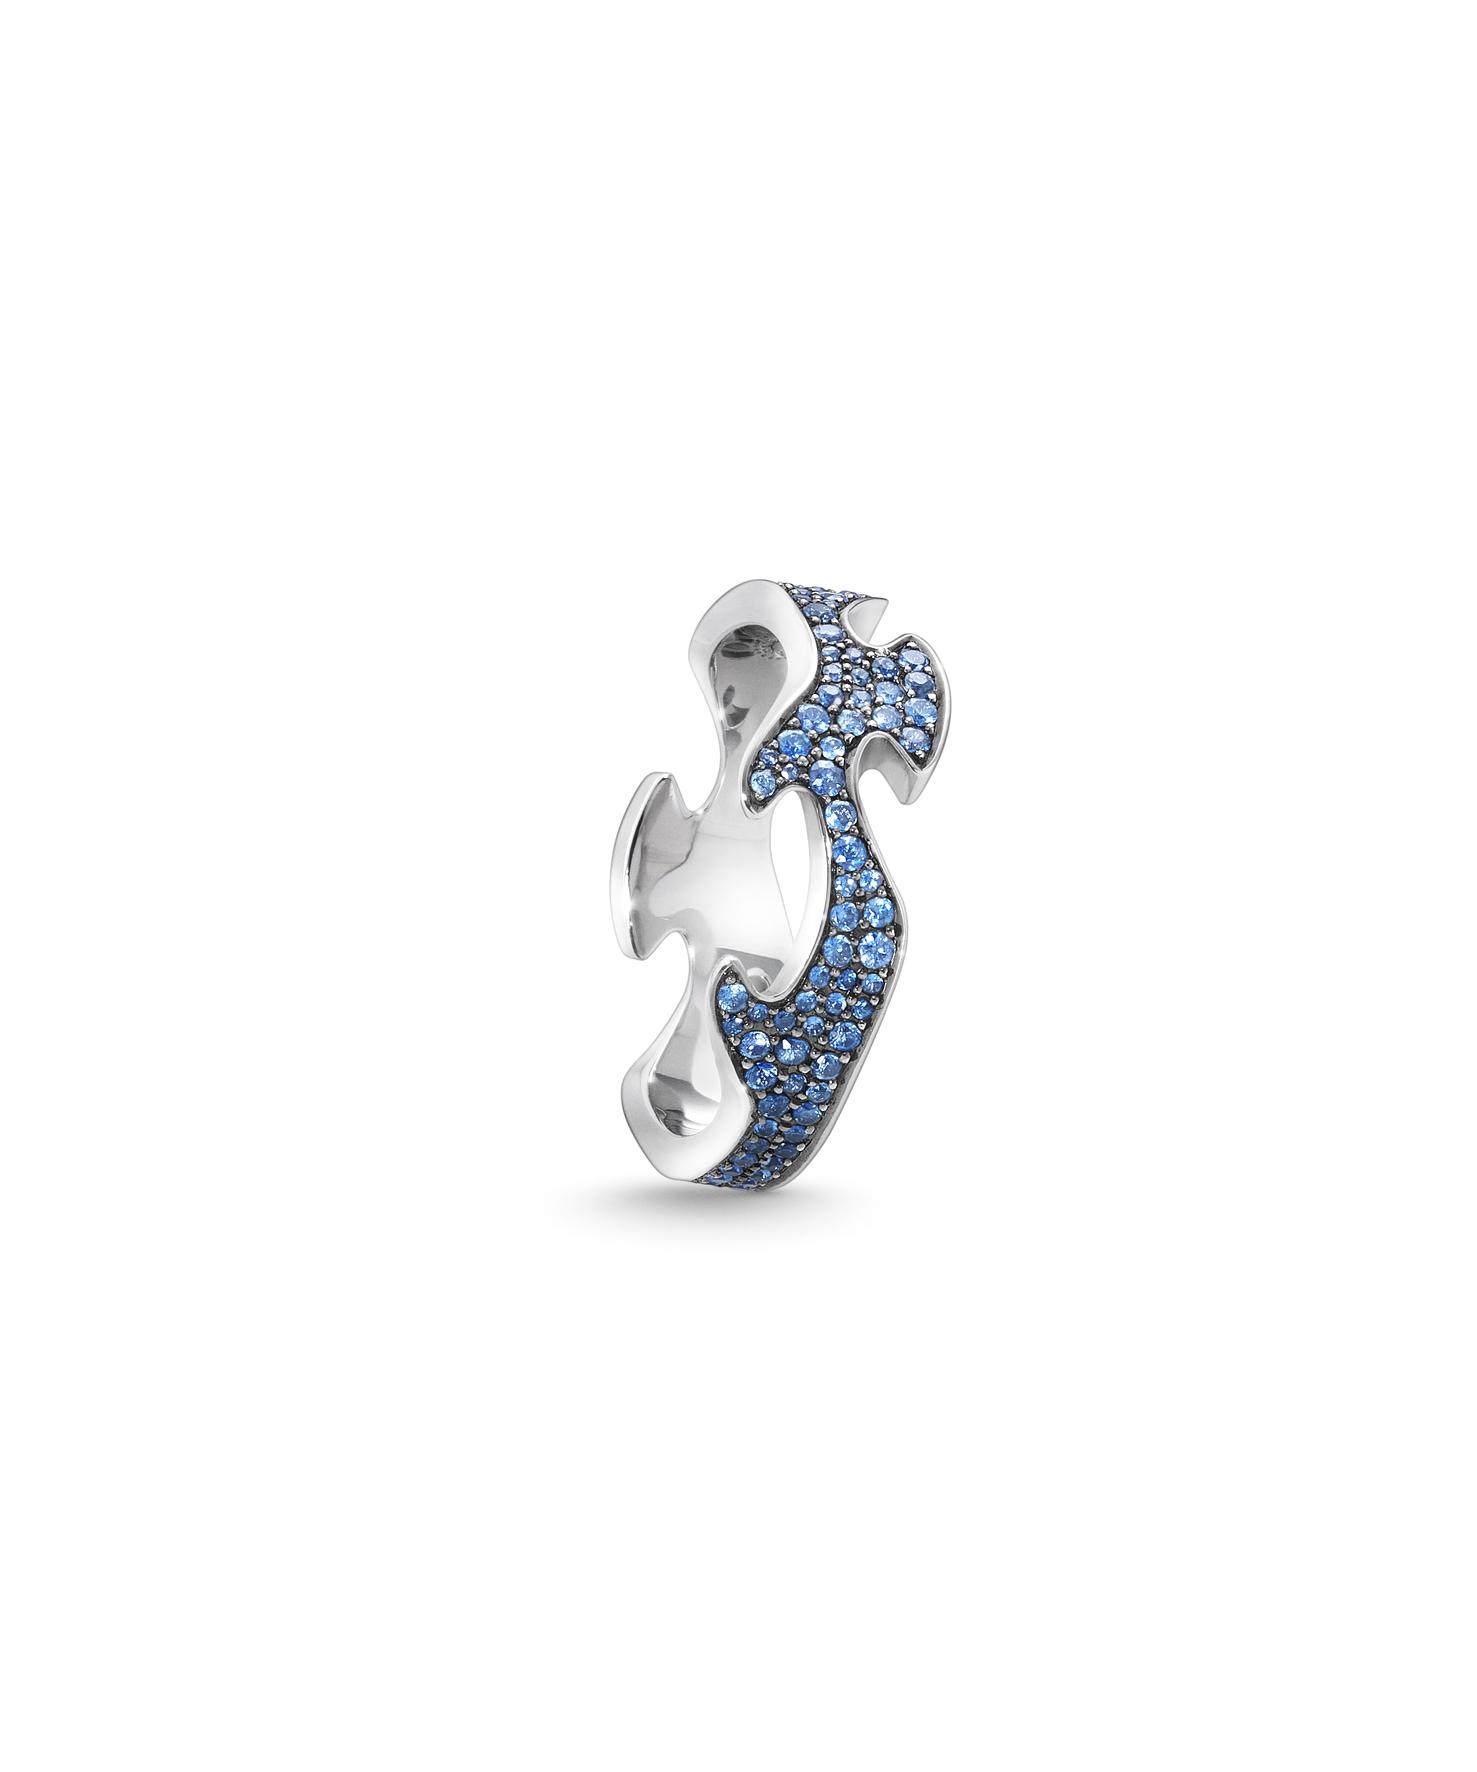 Image of   Georg Jensen FUSION ring - 3570500 Størrelse 54